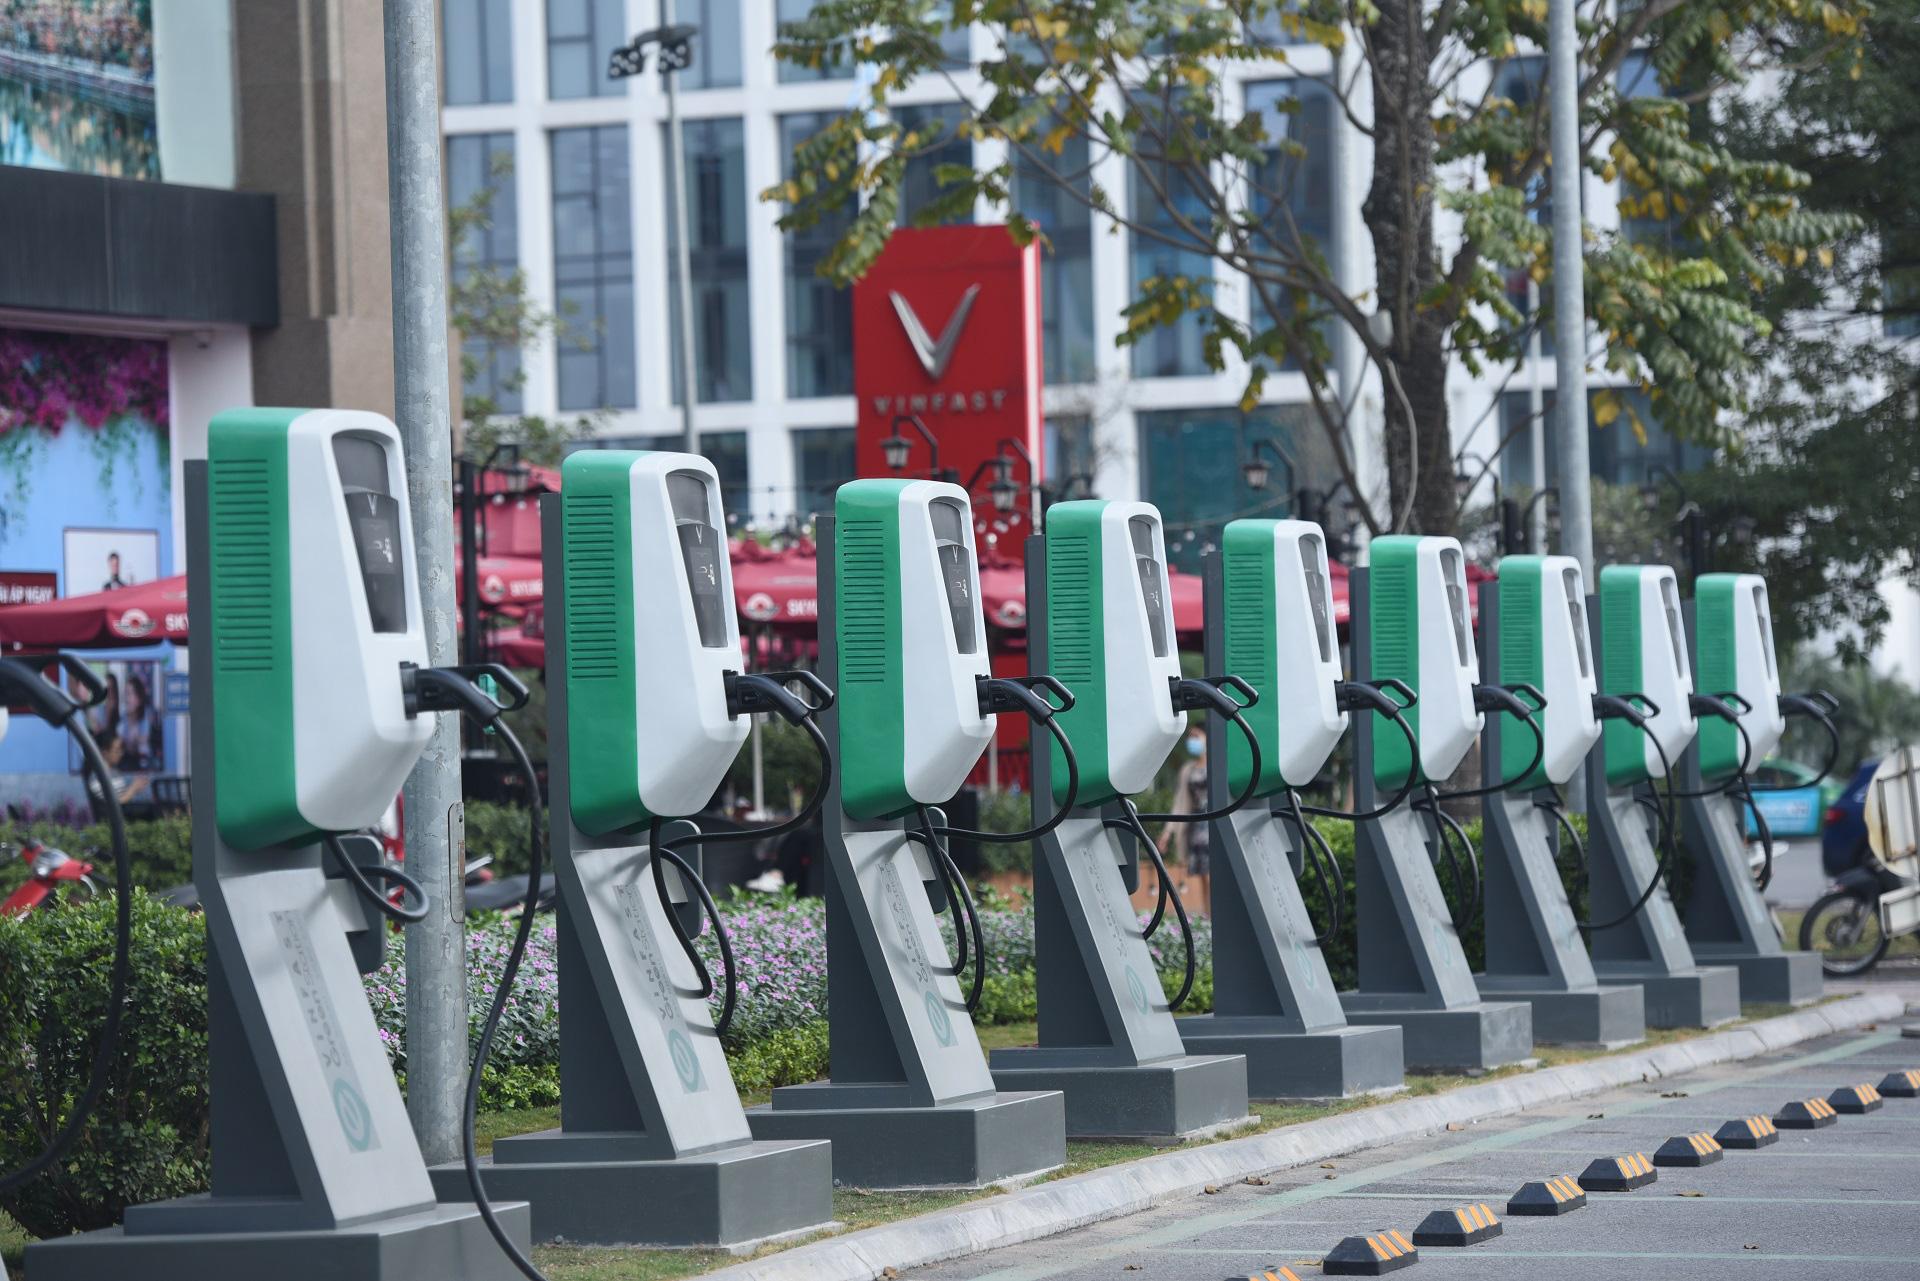 VinFast xóa bỏ rào cản với ô tô điện tại Việt Nam như thế nào? - Ảnh 1.